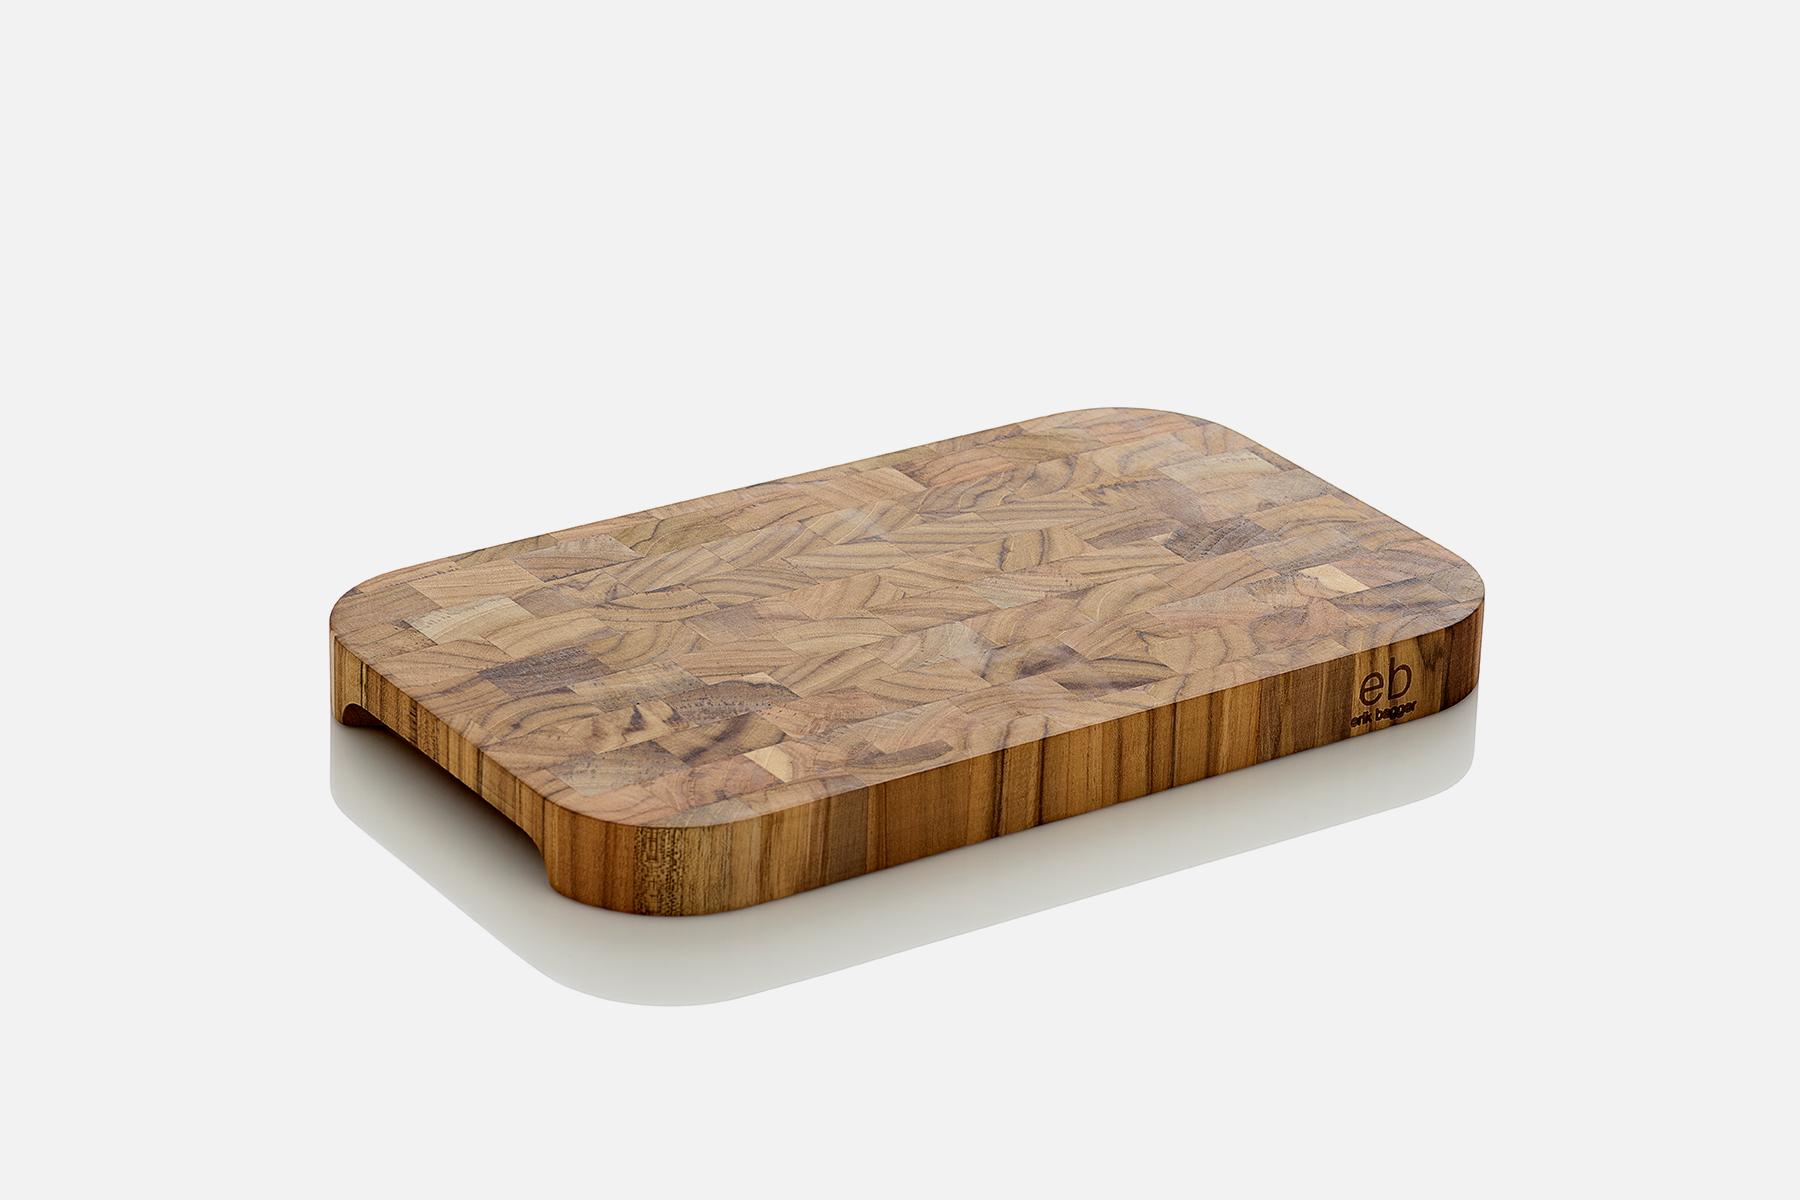 Cutting board - 1 pcs, 30x18 cmTeak, FSC certifiedDesign by eb design teamArt. no.: 58136